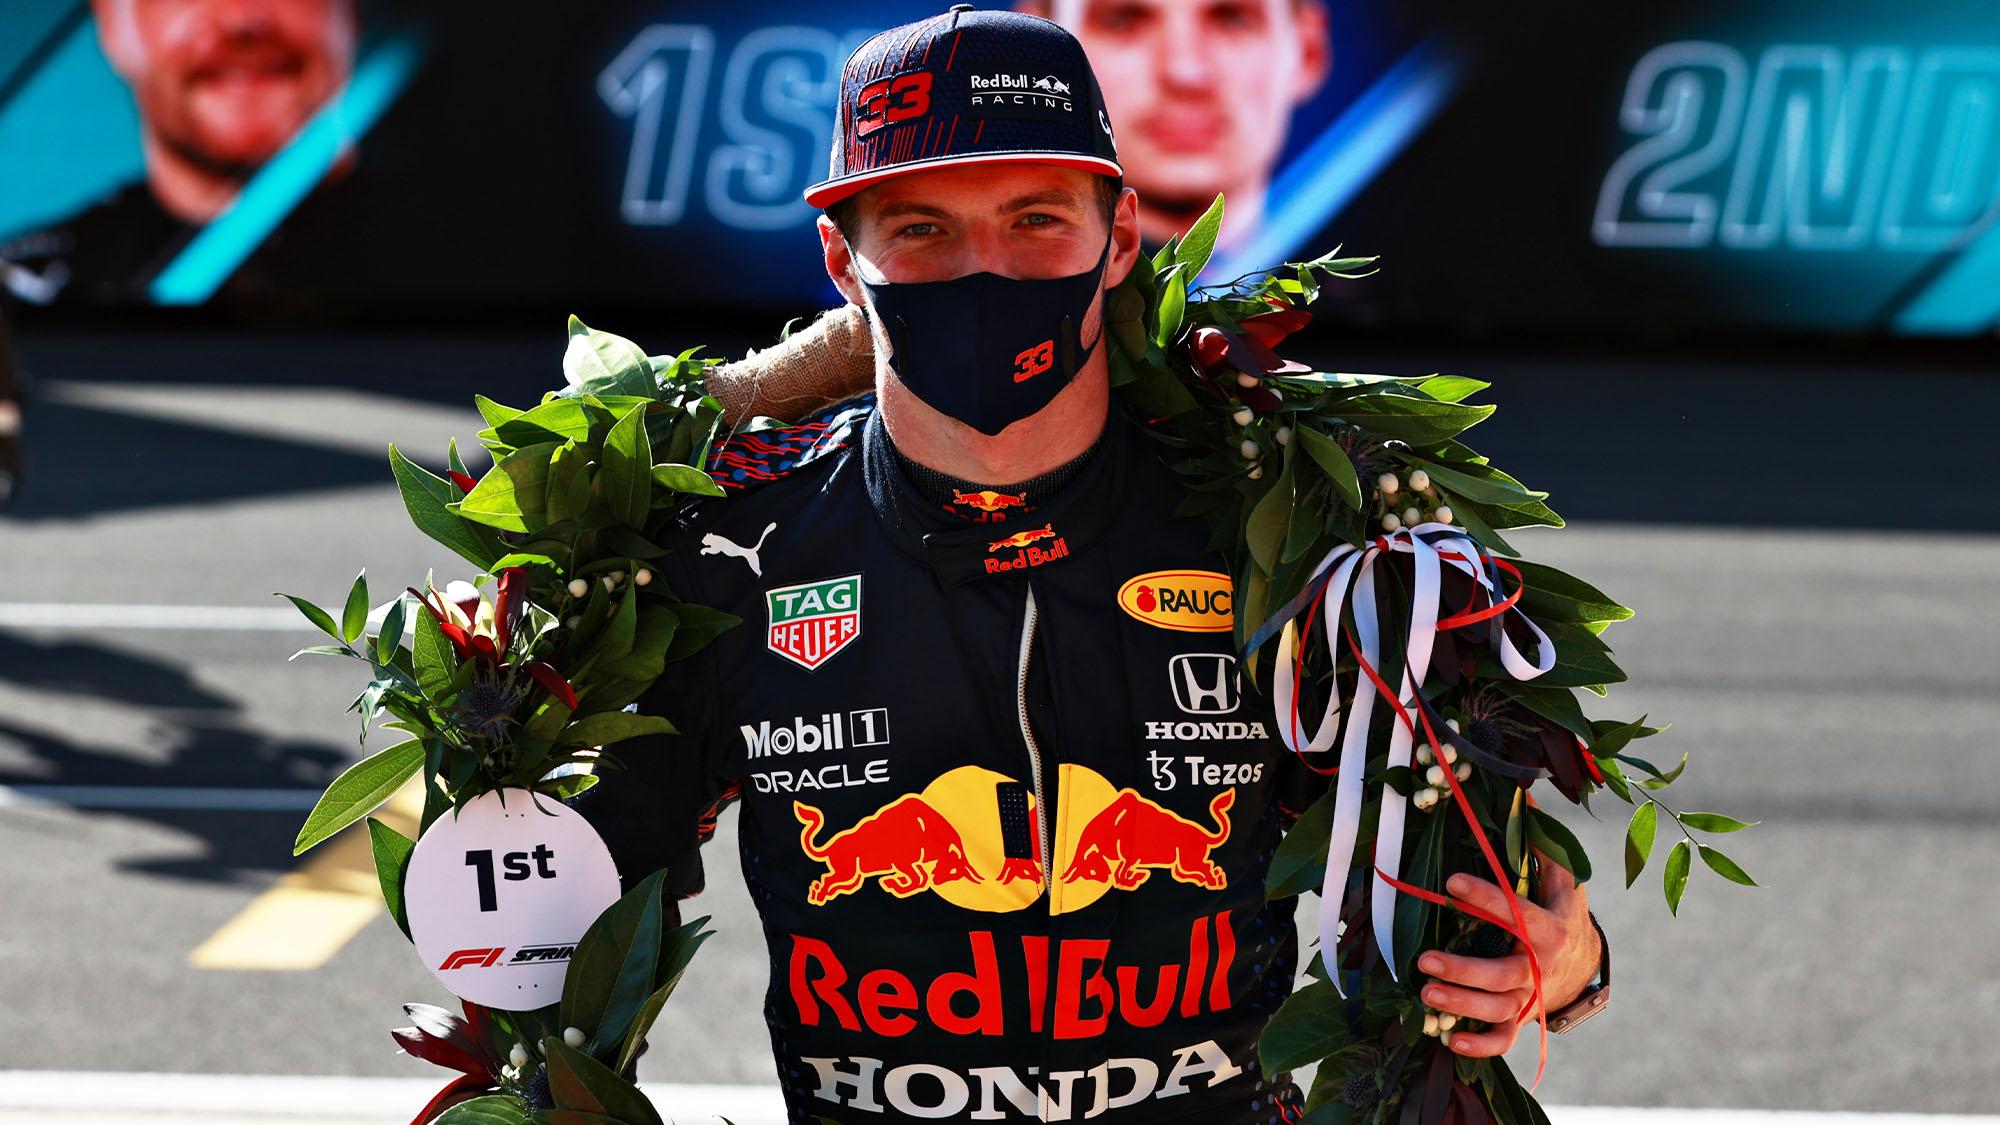 verstappen wreath after Silverstone sprint qualifying